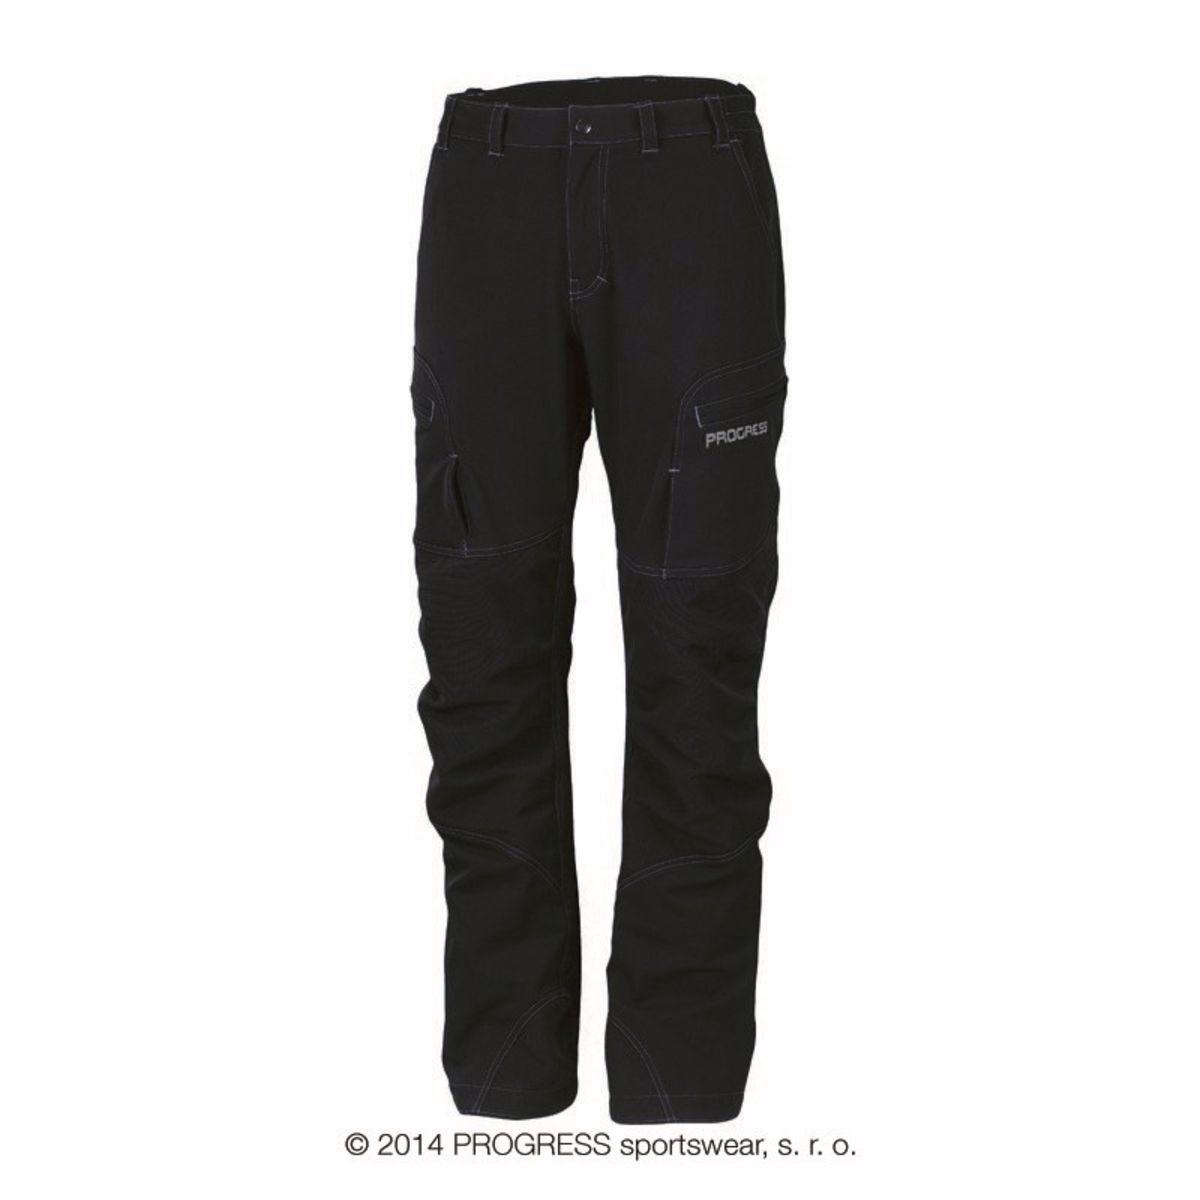 9979a1f0e061 Progress OS KANDAHAR pánske zimné nohavice